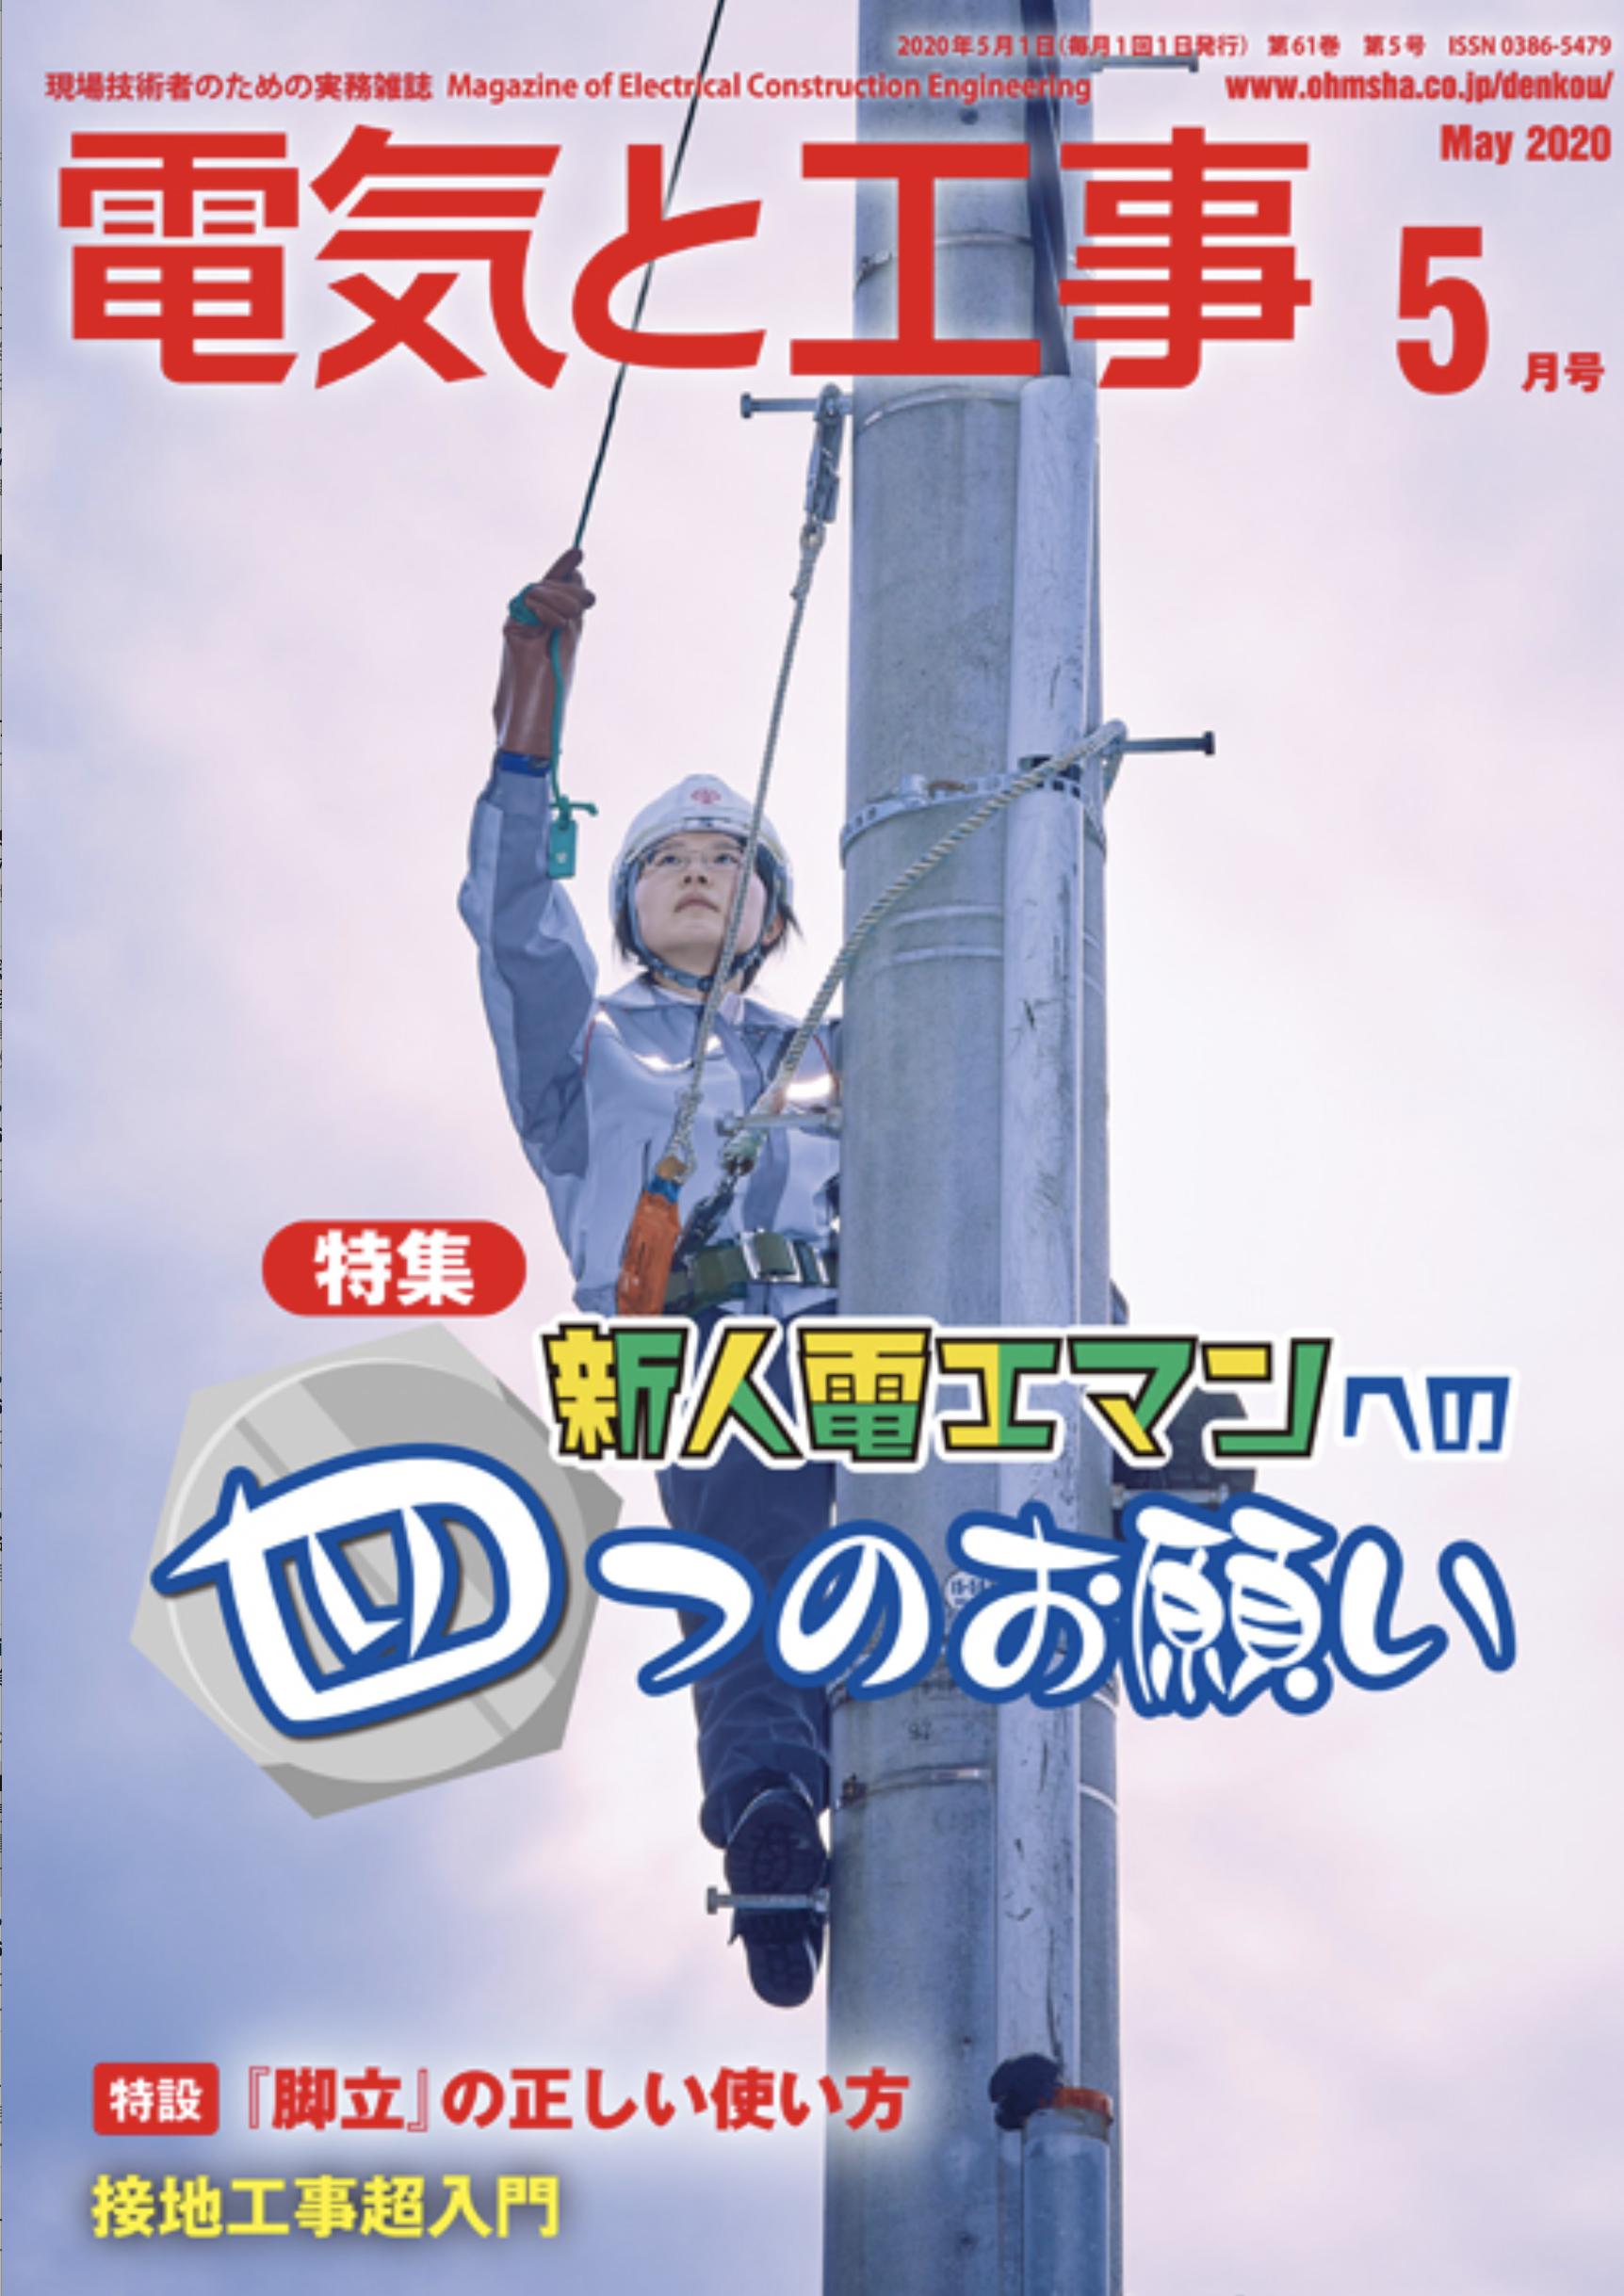 【新刊トピックス 2020年4月】電気と工事 2020年5月号 (第61巻第5号通巻799号)の画像